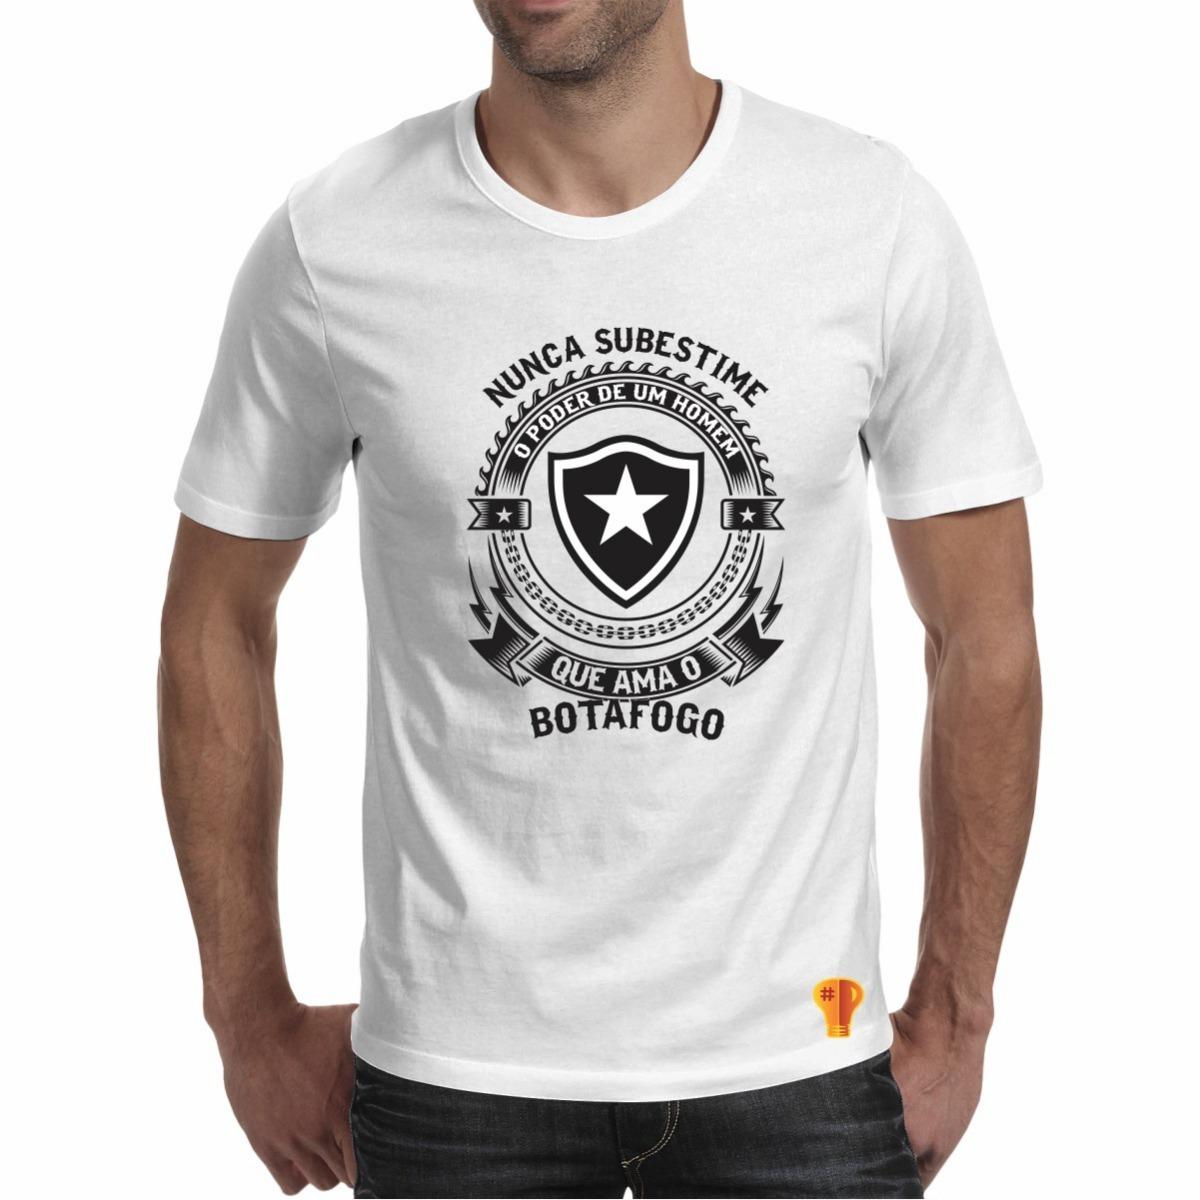 camiseta botafogo masculina nunca subestime amor time. Carregando zoom. a394b47c6e128